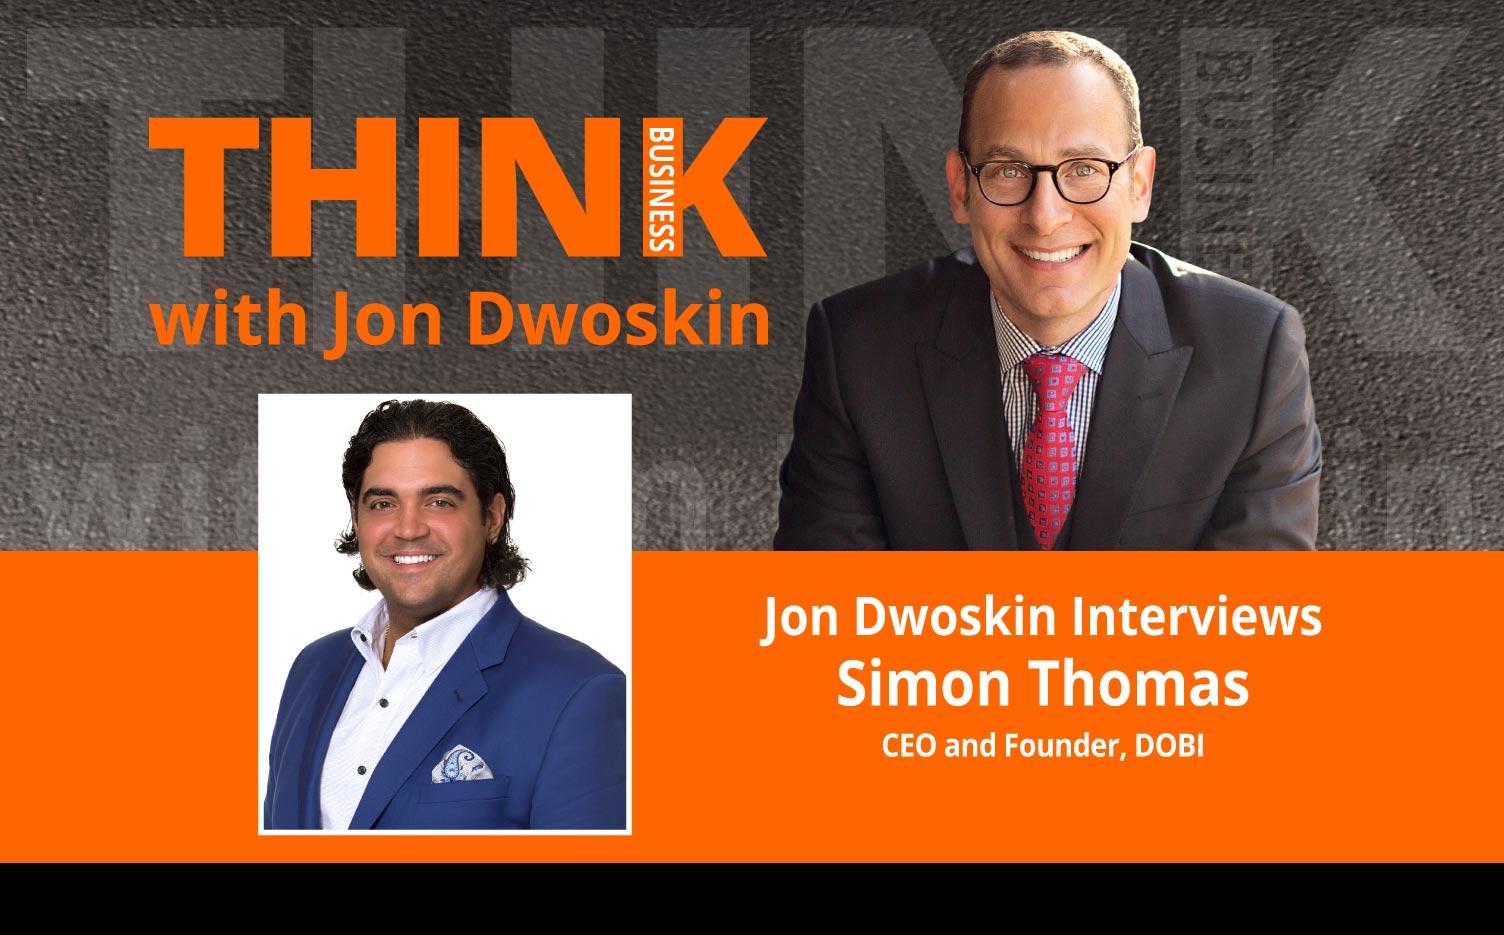 THINK Business Podcast: Jon Dwoskin Interviews Simon Thomas, CEO and Founder, DOBI